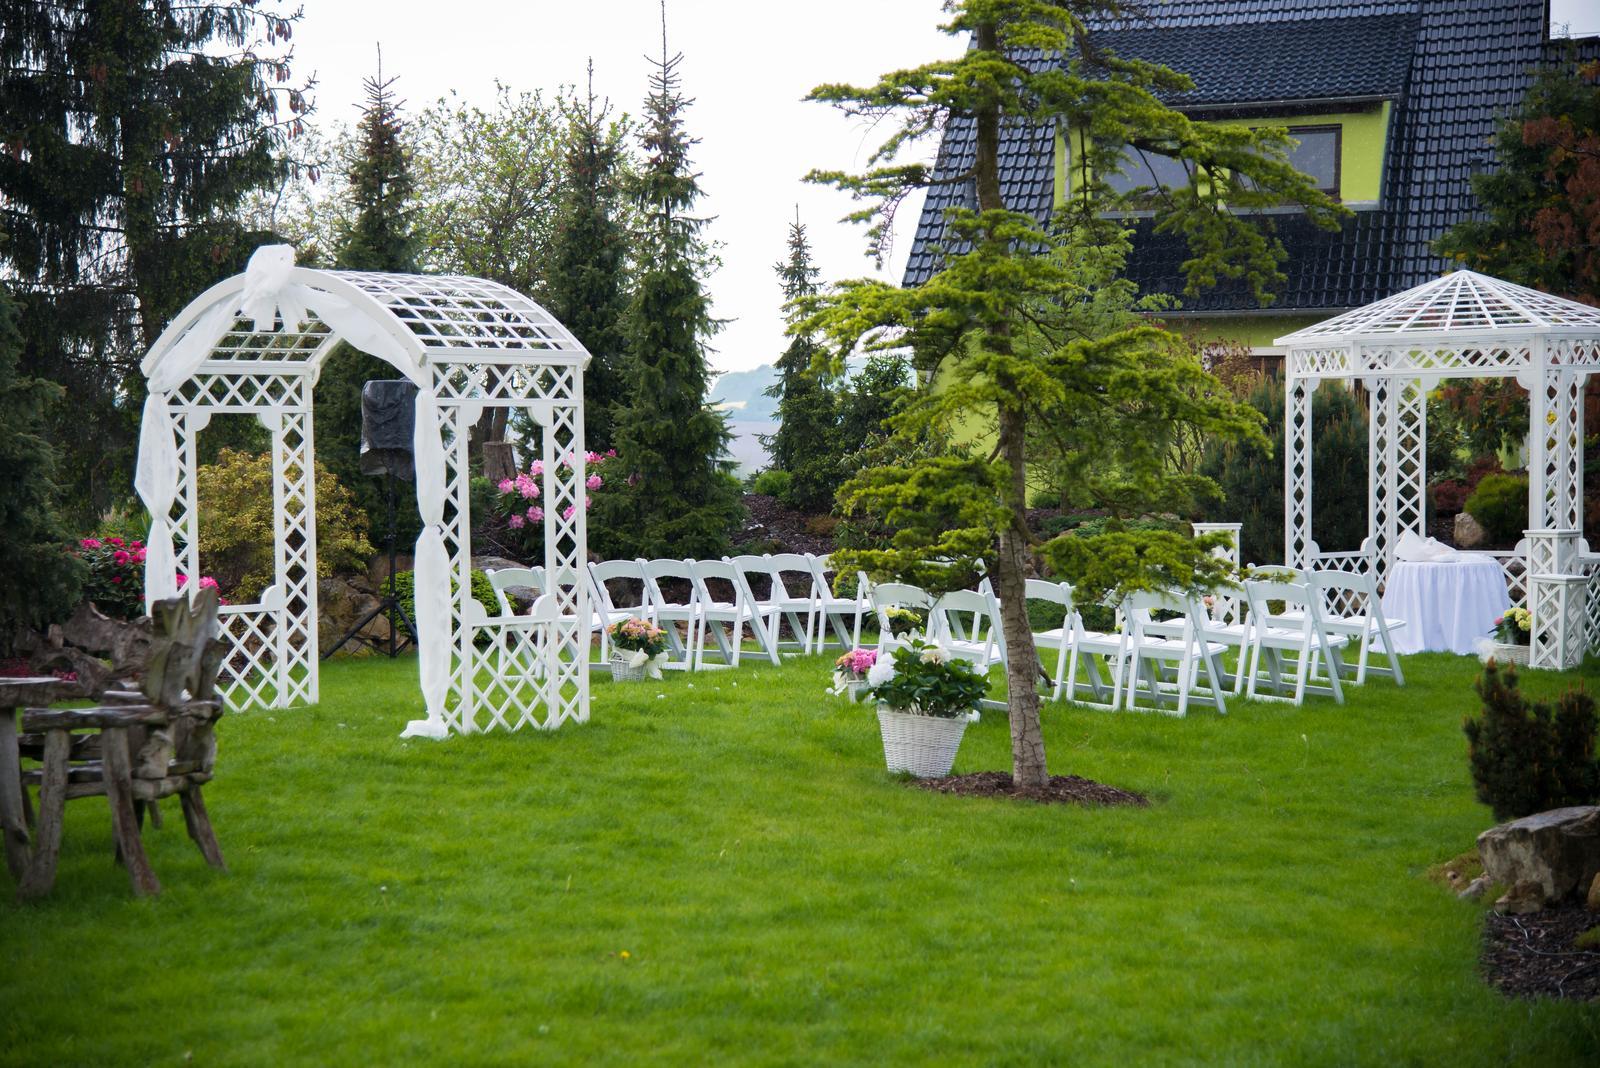 Půjčení svatebního altánu - set - Obrázek č. 1